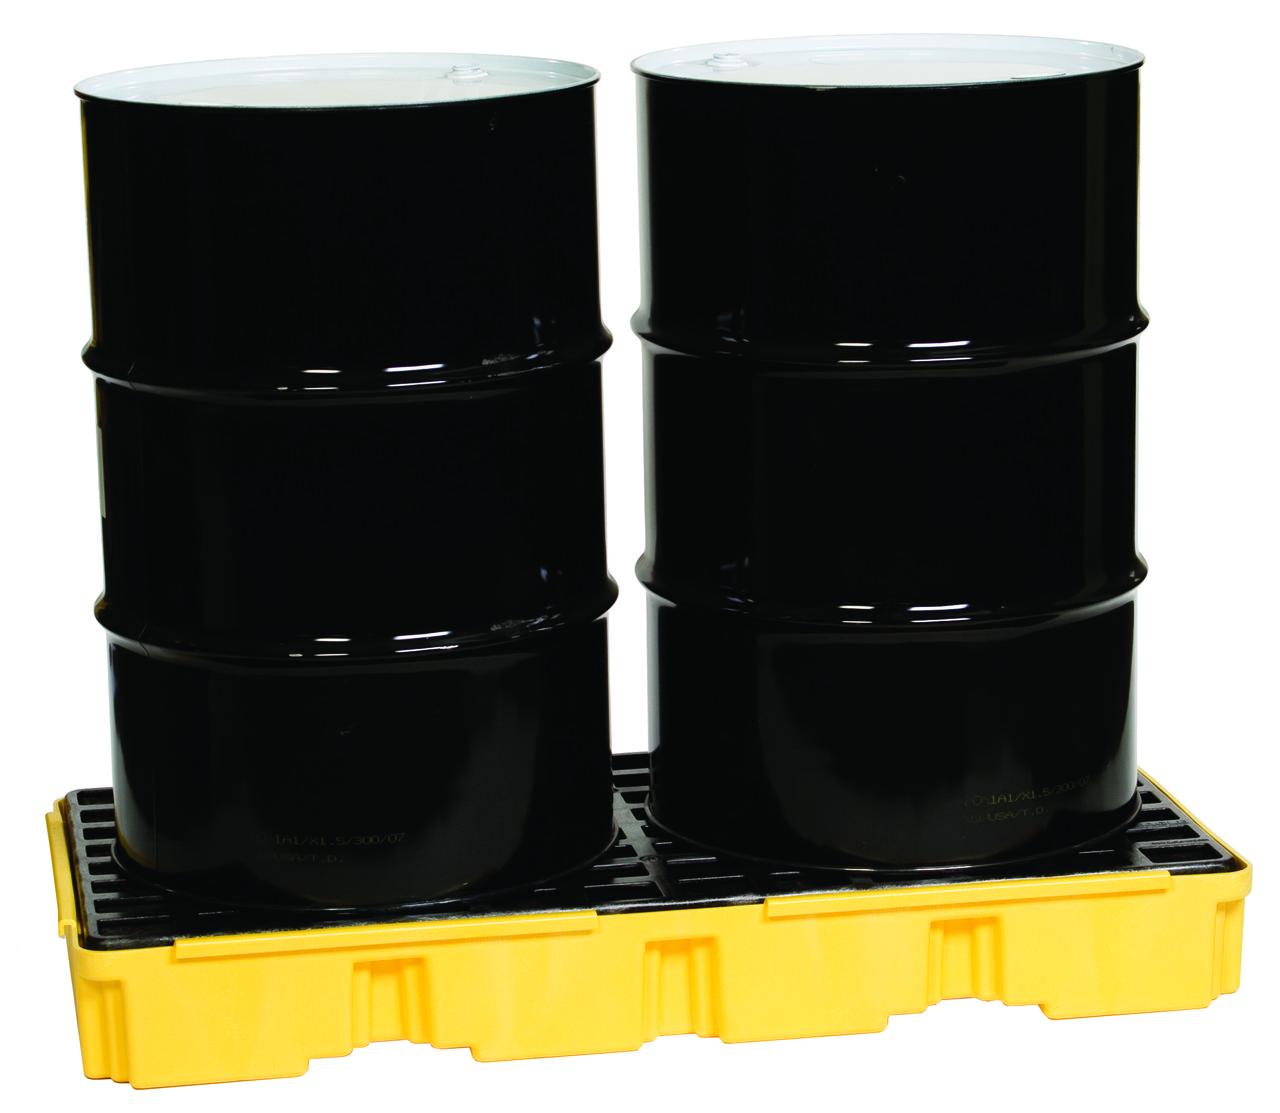 Поддон пластиковый для предотвращения проливов масла на 2 бочки, низкий профиль